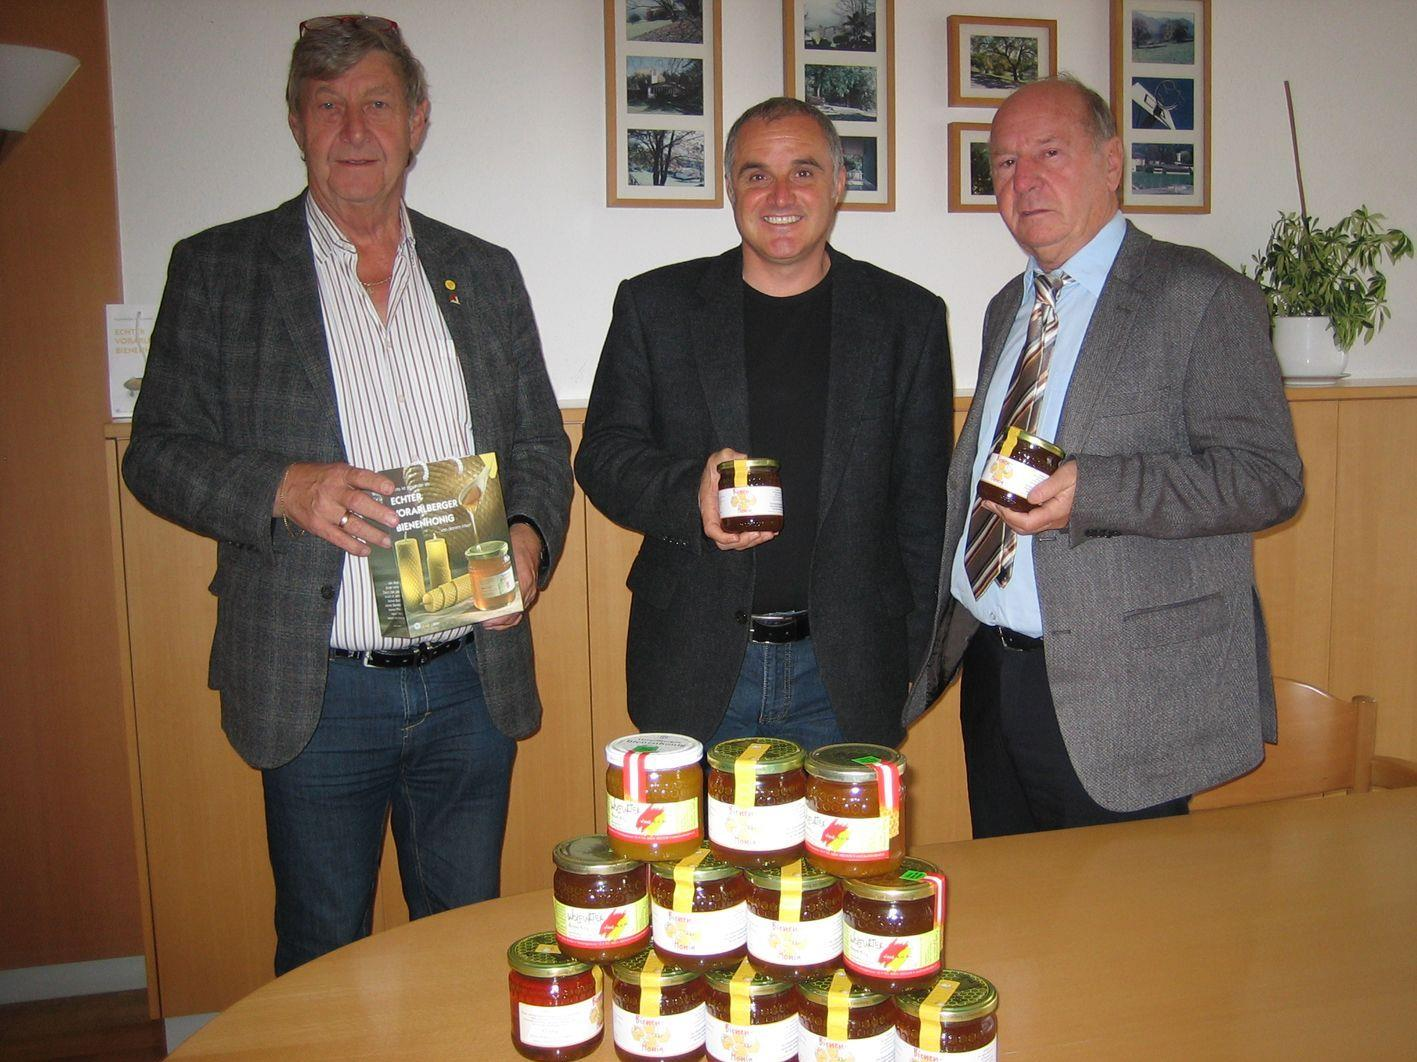 Emil Böhler, Manfred Ganahl und Dr. Egon Gmeiner bei der Honigübergabe.